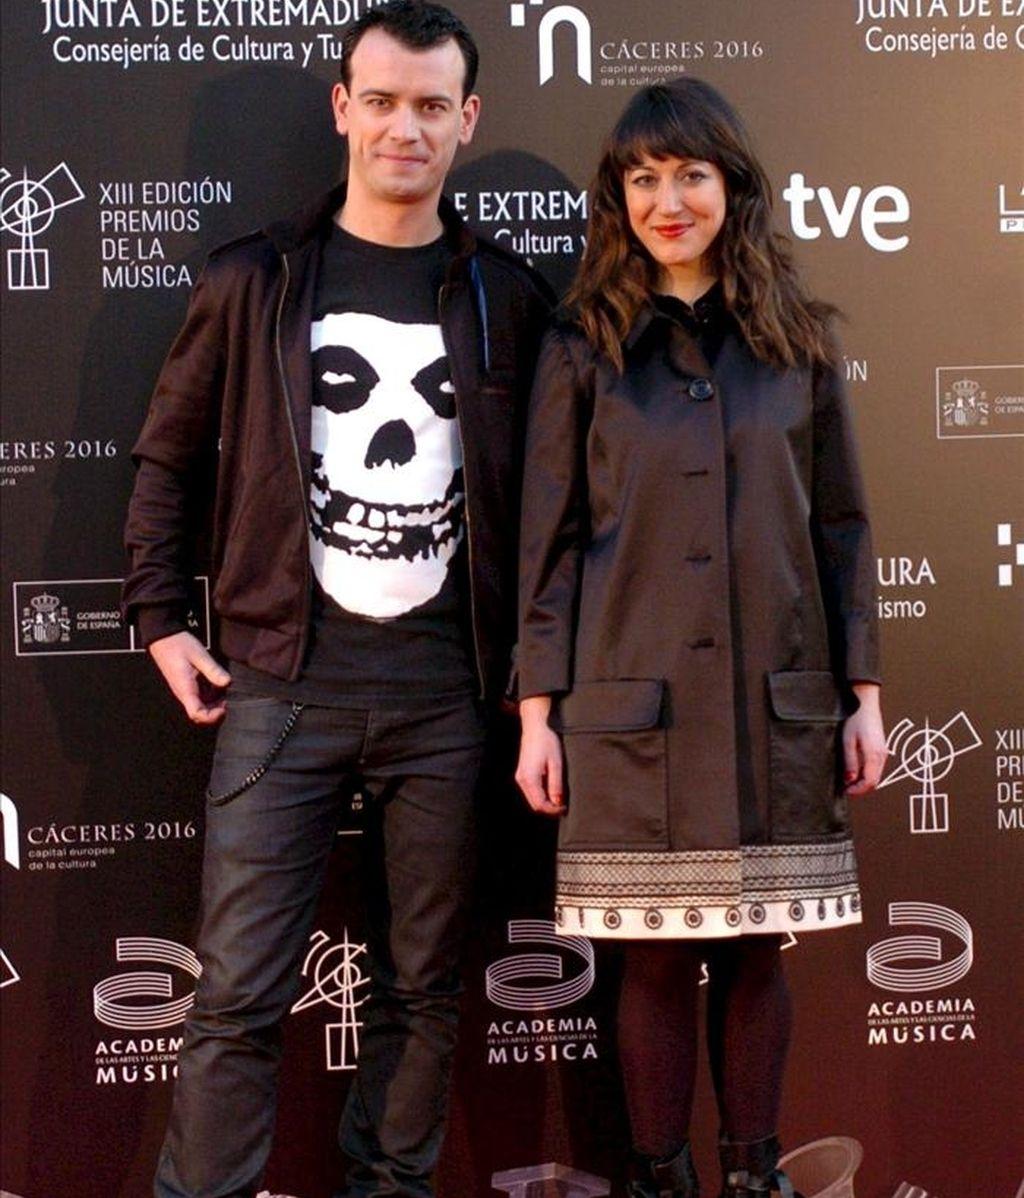 La cantante madrileña Mai Meneses y el músico barcelonés Kim Fanlo, que forman el dúo Nena Daconte. EFE/Archivo